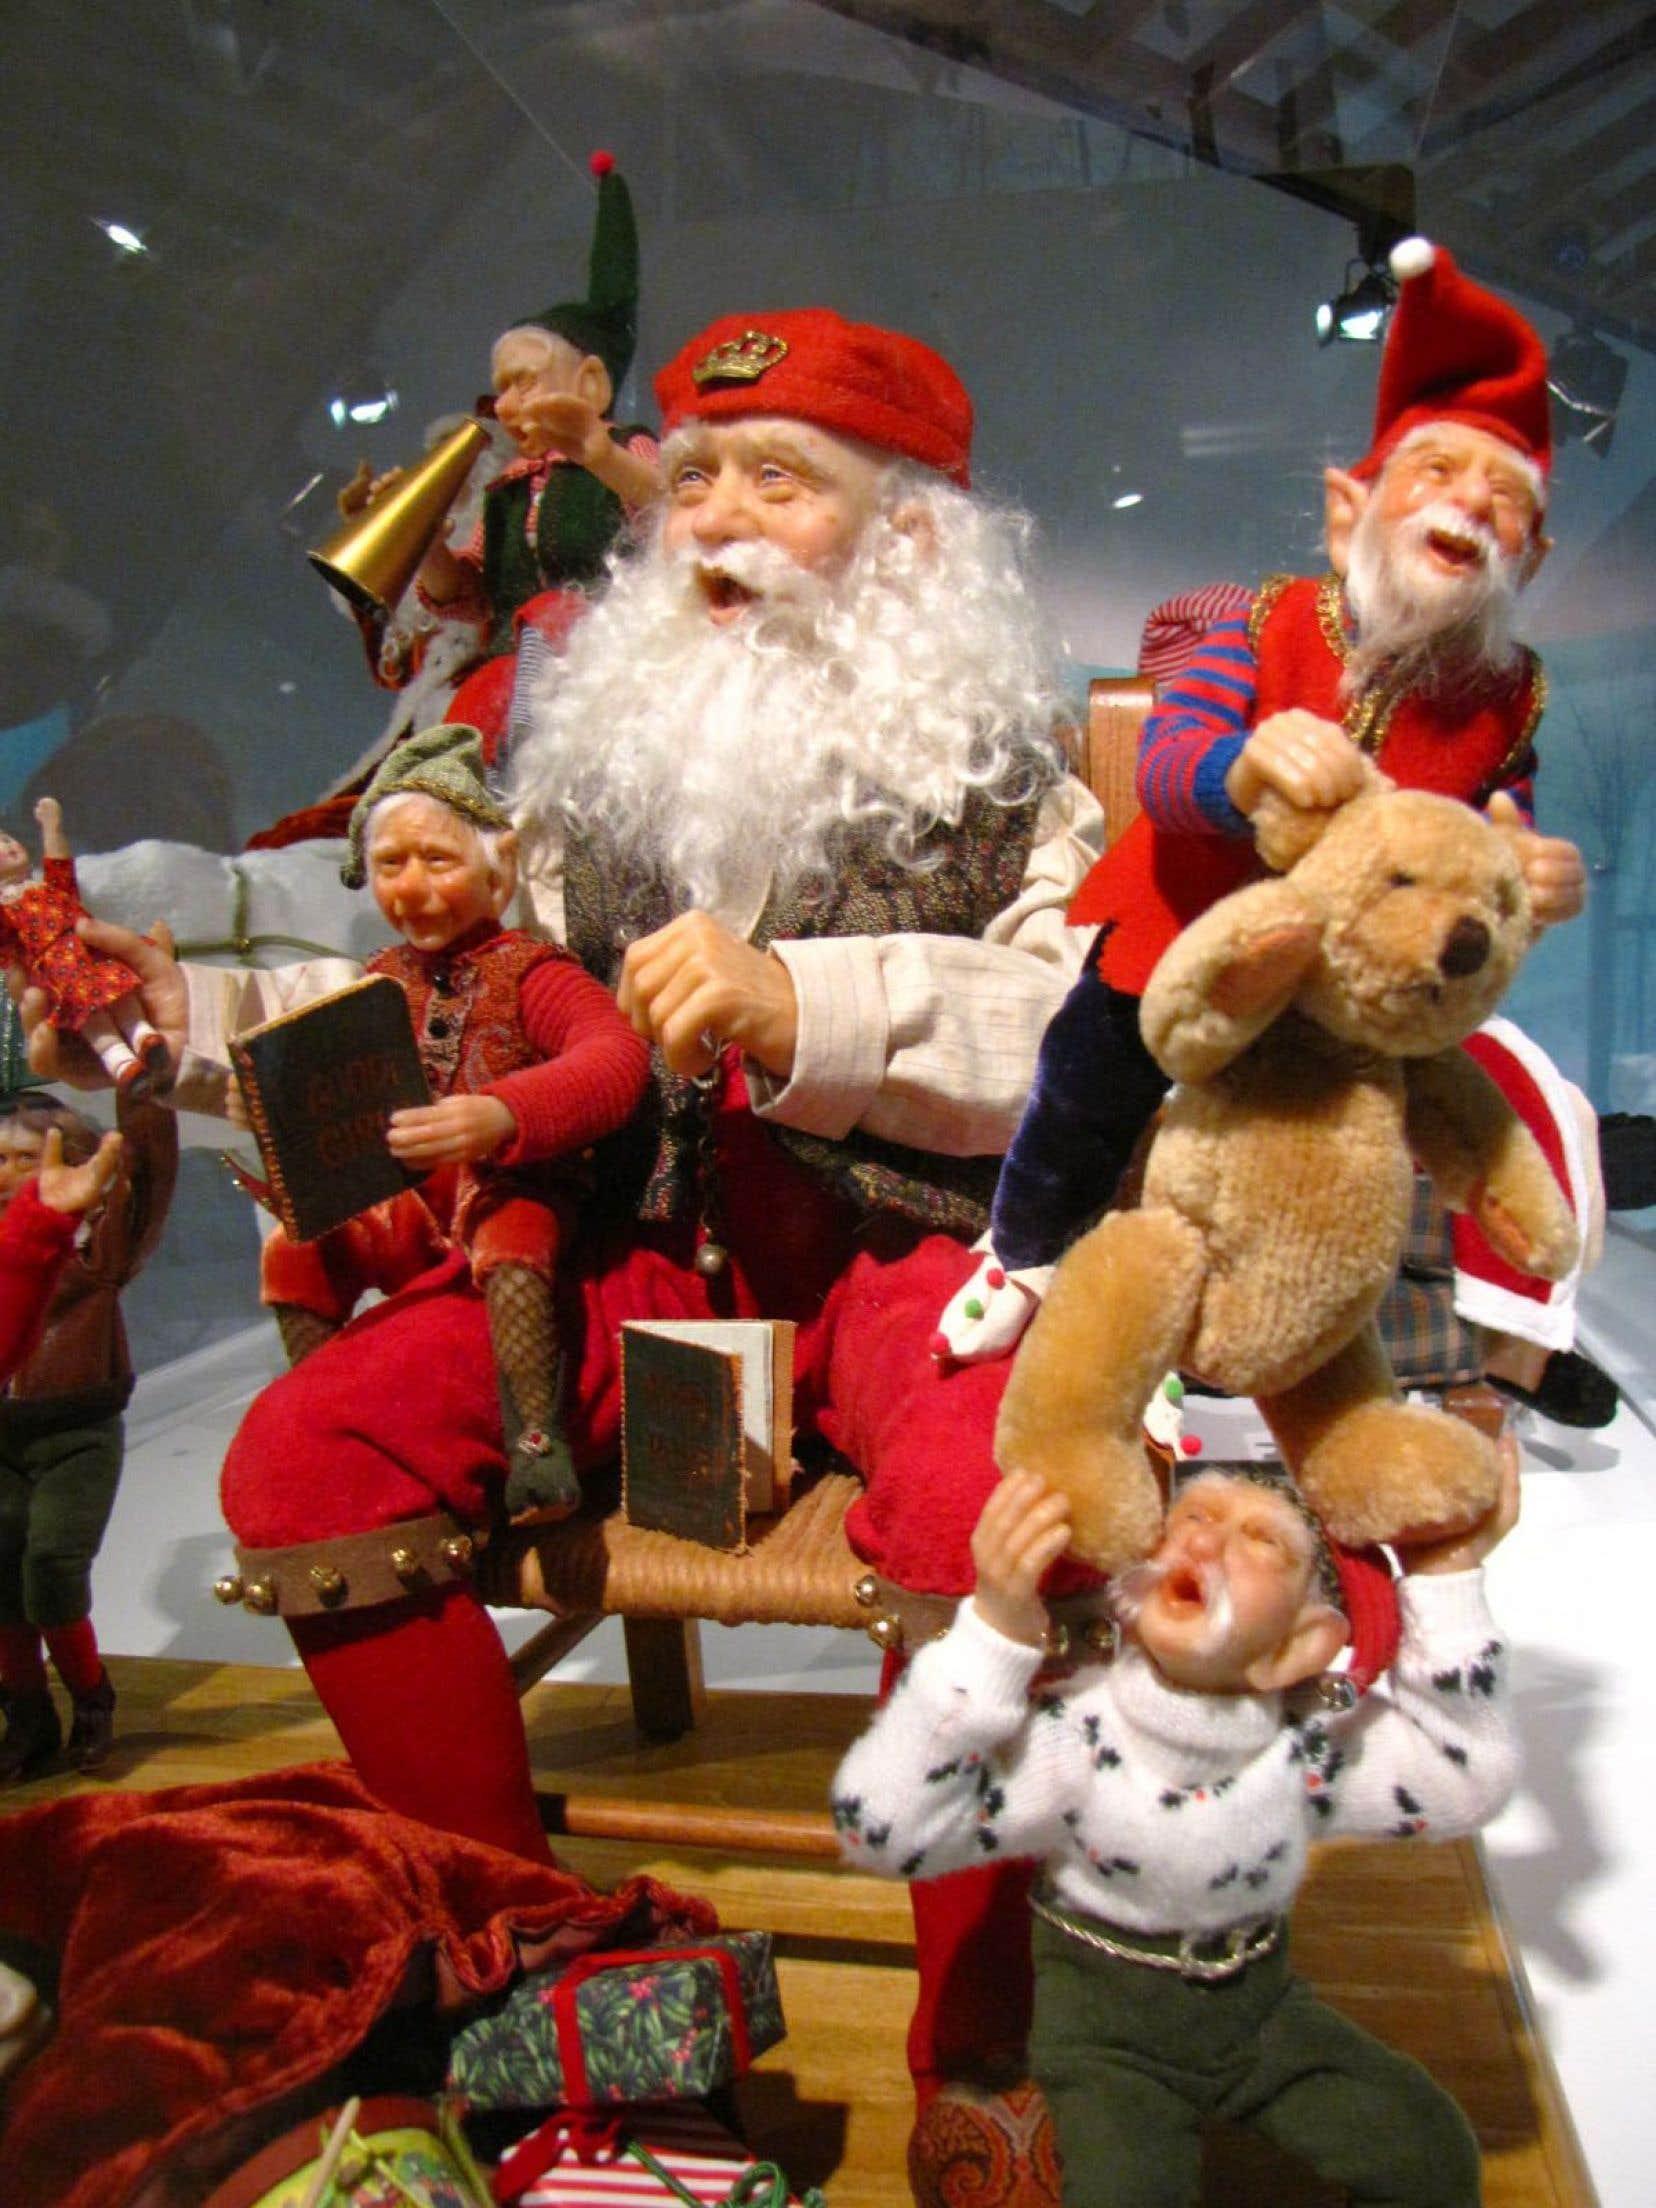 L'ensemble de figurines nommé N'ai-je rien oublié? a été créé en 2004 par les artistes américains Pat et Glen East.